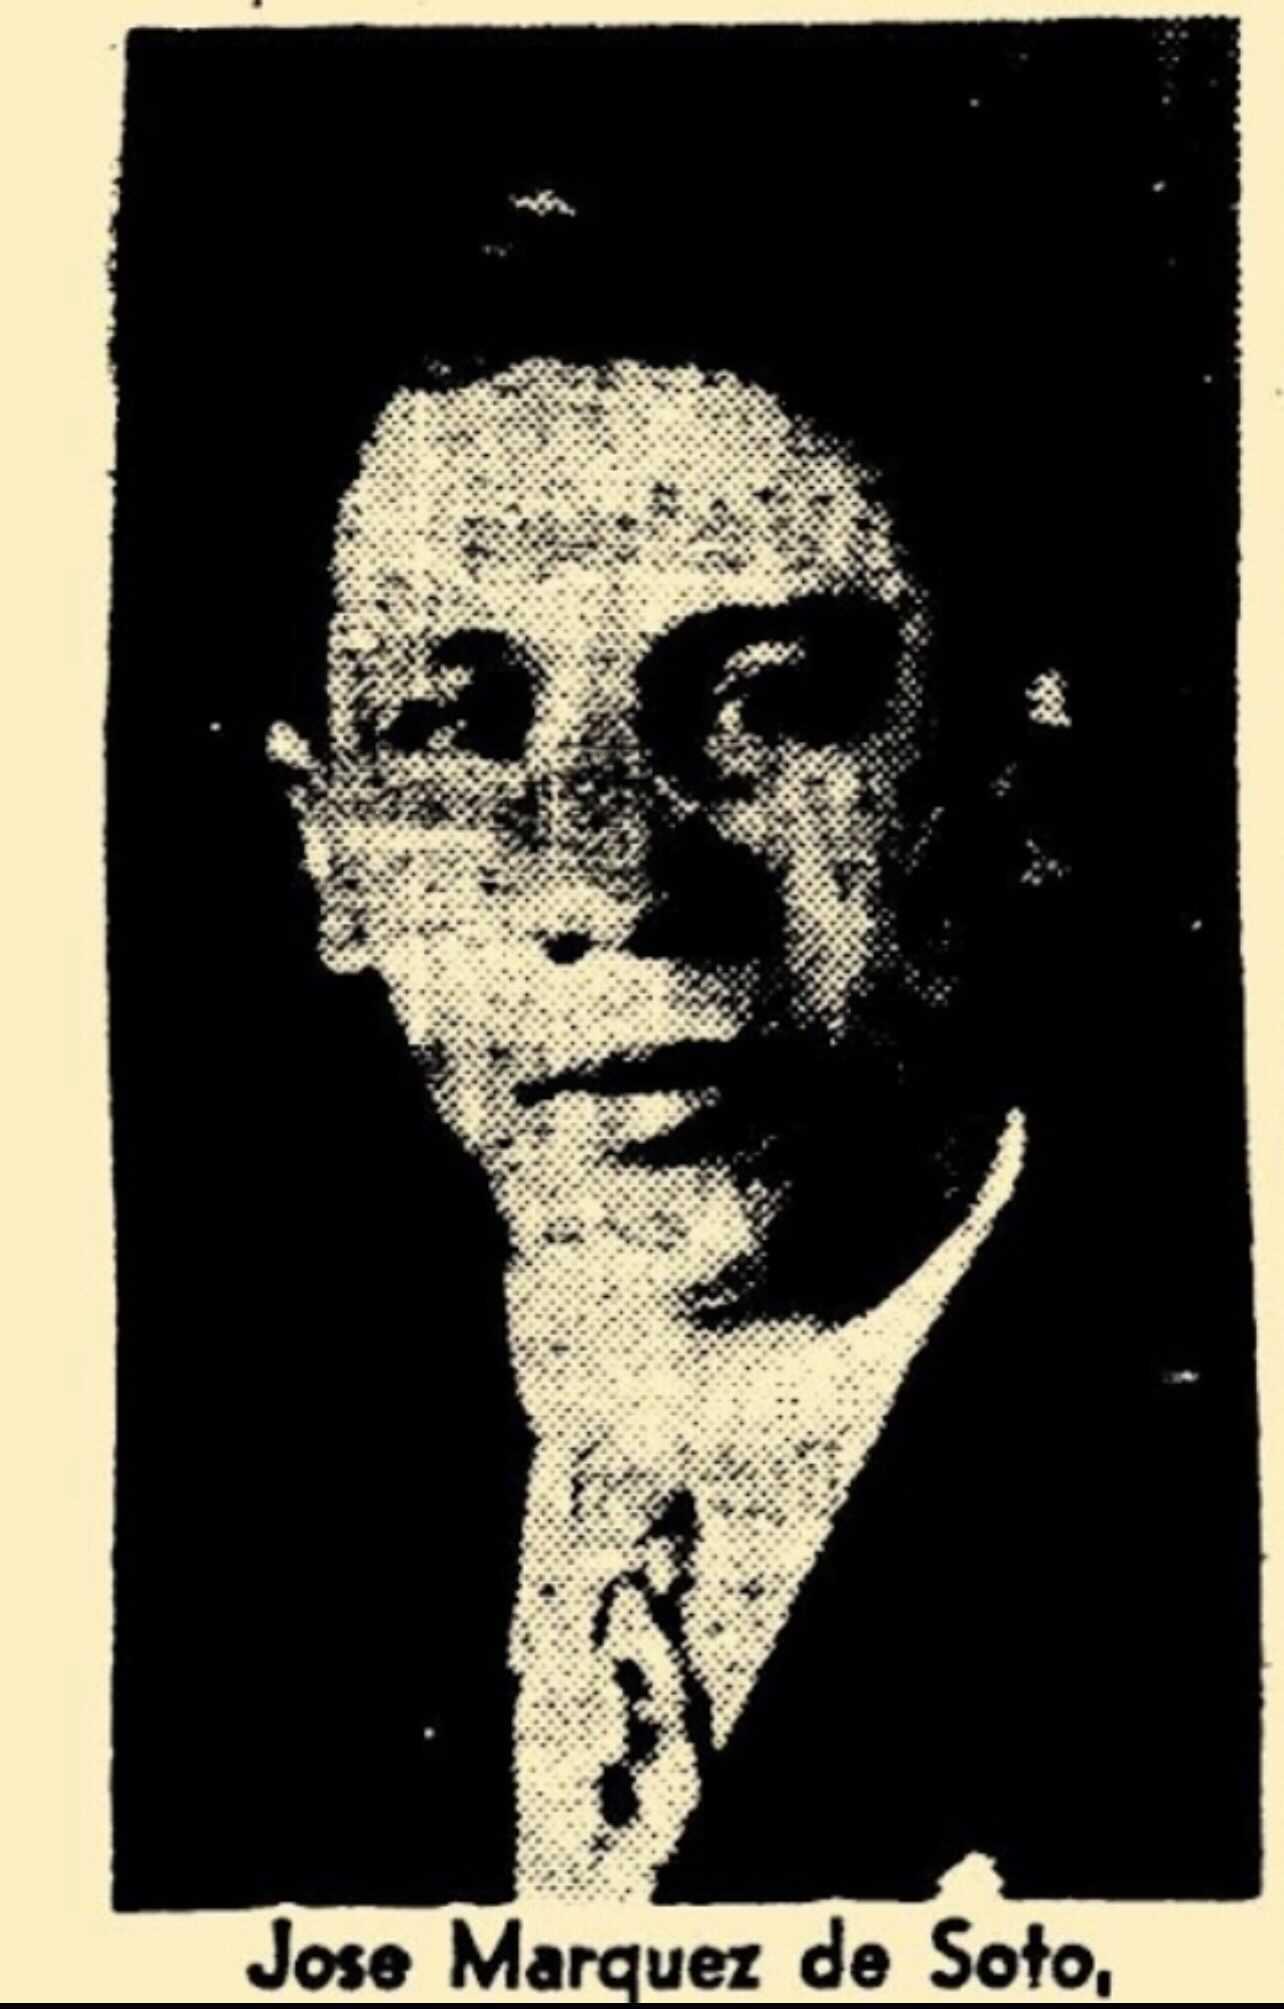 Jose Marquez de Soto image